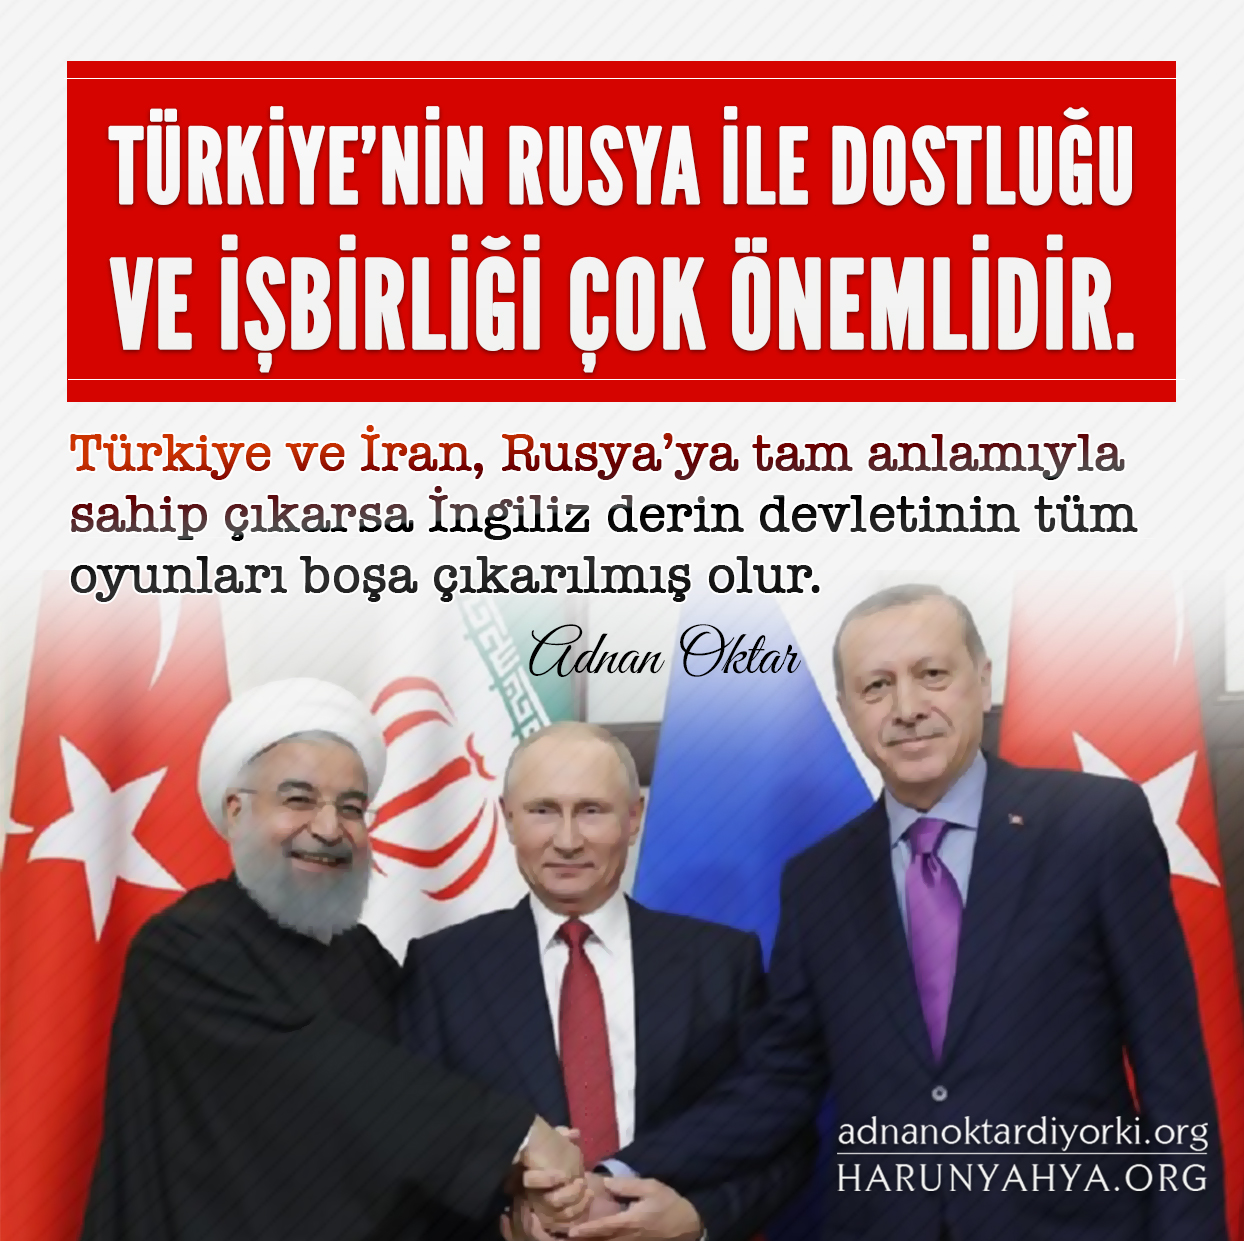 """<table style=""""width: 100%;""""><tr><td style=""""vertical-align: middle;"""">Türkiye'nin Rusya ile dostluğu ve işbirliği çok önemlidir. Türkiye ve İran, Rusya'ya tam anlamıyla sahip çıkarsa İngiliz derin devletinin tüm oyunları boşa çıkarılmış olur.</td><td style=""""max-width: 70px;vertical-align: middle;""""> <a href=""""/downloadquote.php?filename=1523771630404.jpg""""><img class=""""hoversaturate"""" height=""""20px"""" src=""""/assets/images/download-iconu.png"""" style=""""width: 48px; height: 48px;"""" title=""""Resmi İndir""""/></a></td></tr></table>"""